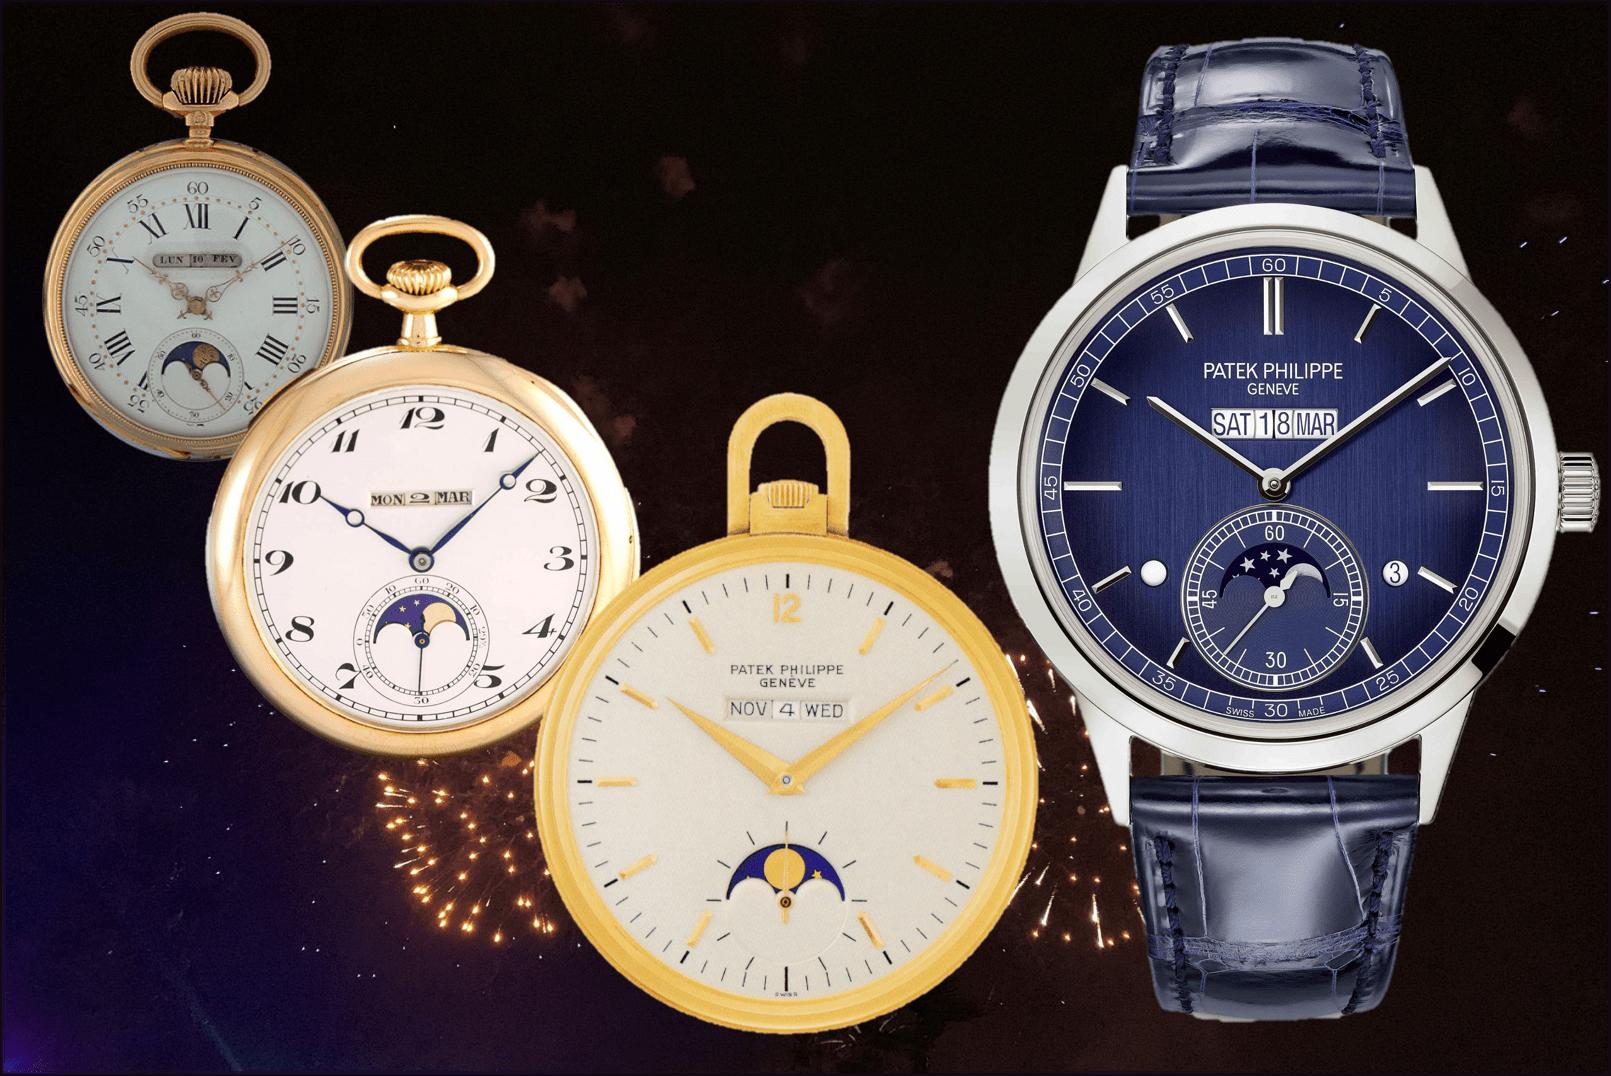 Anzeigeformen Ewiger KalenderPatek Philippe Referenz 5236P mit linearem ewigen Kalender: Ein Uhr mit Geschichte